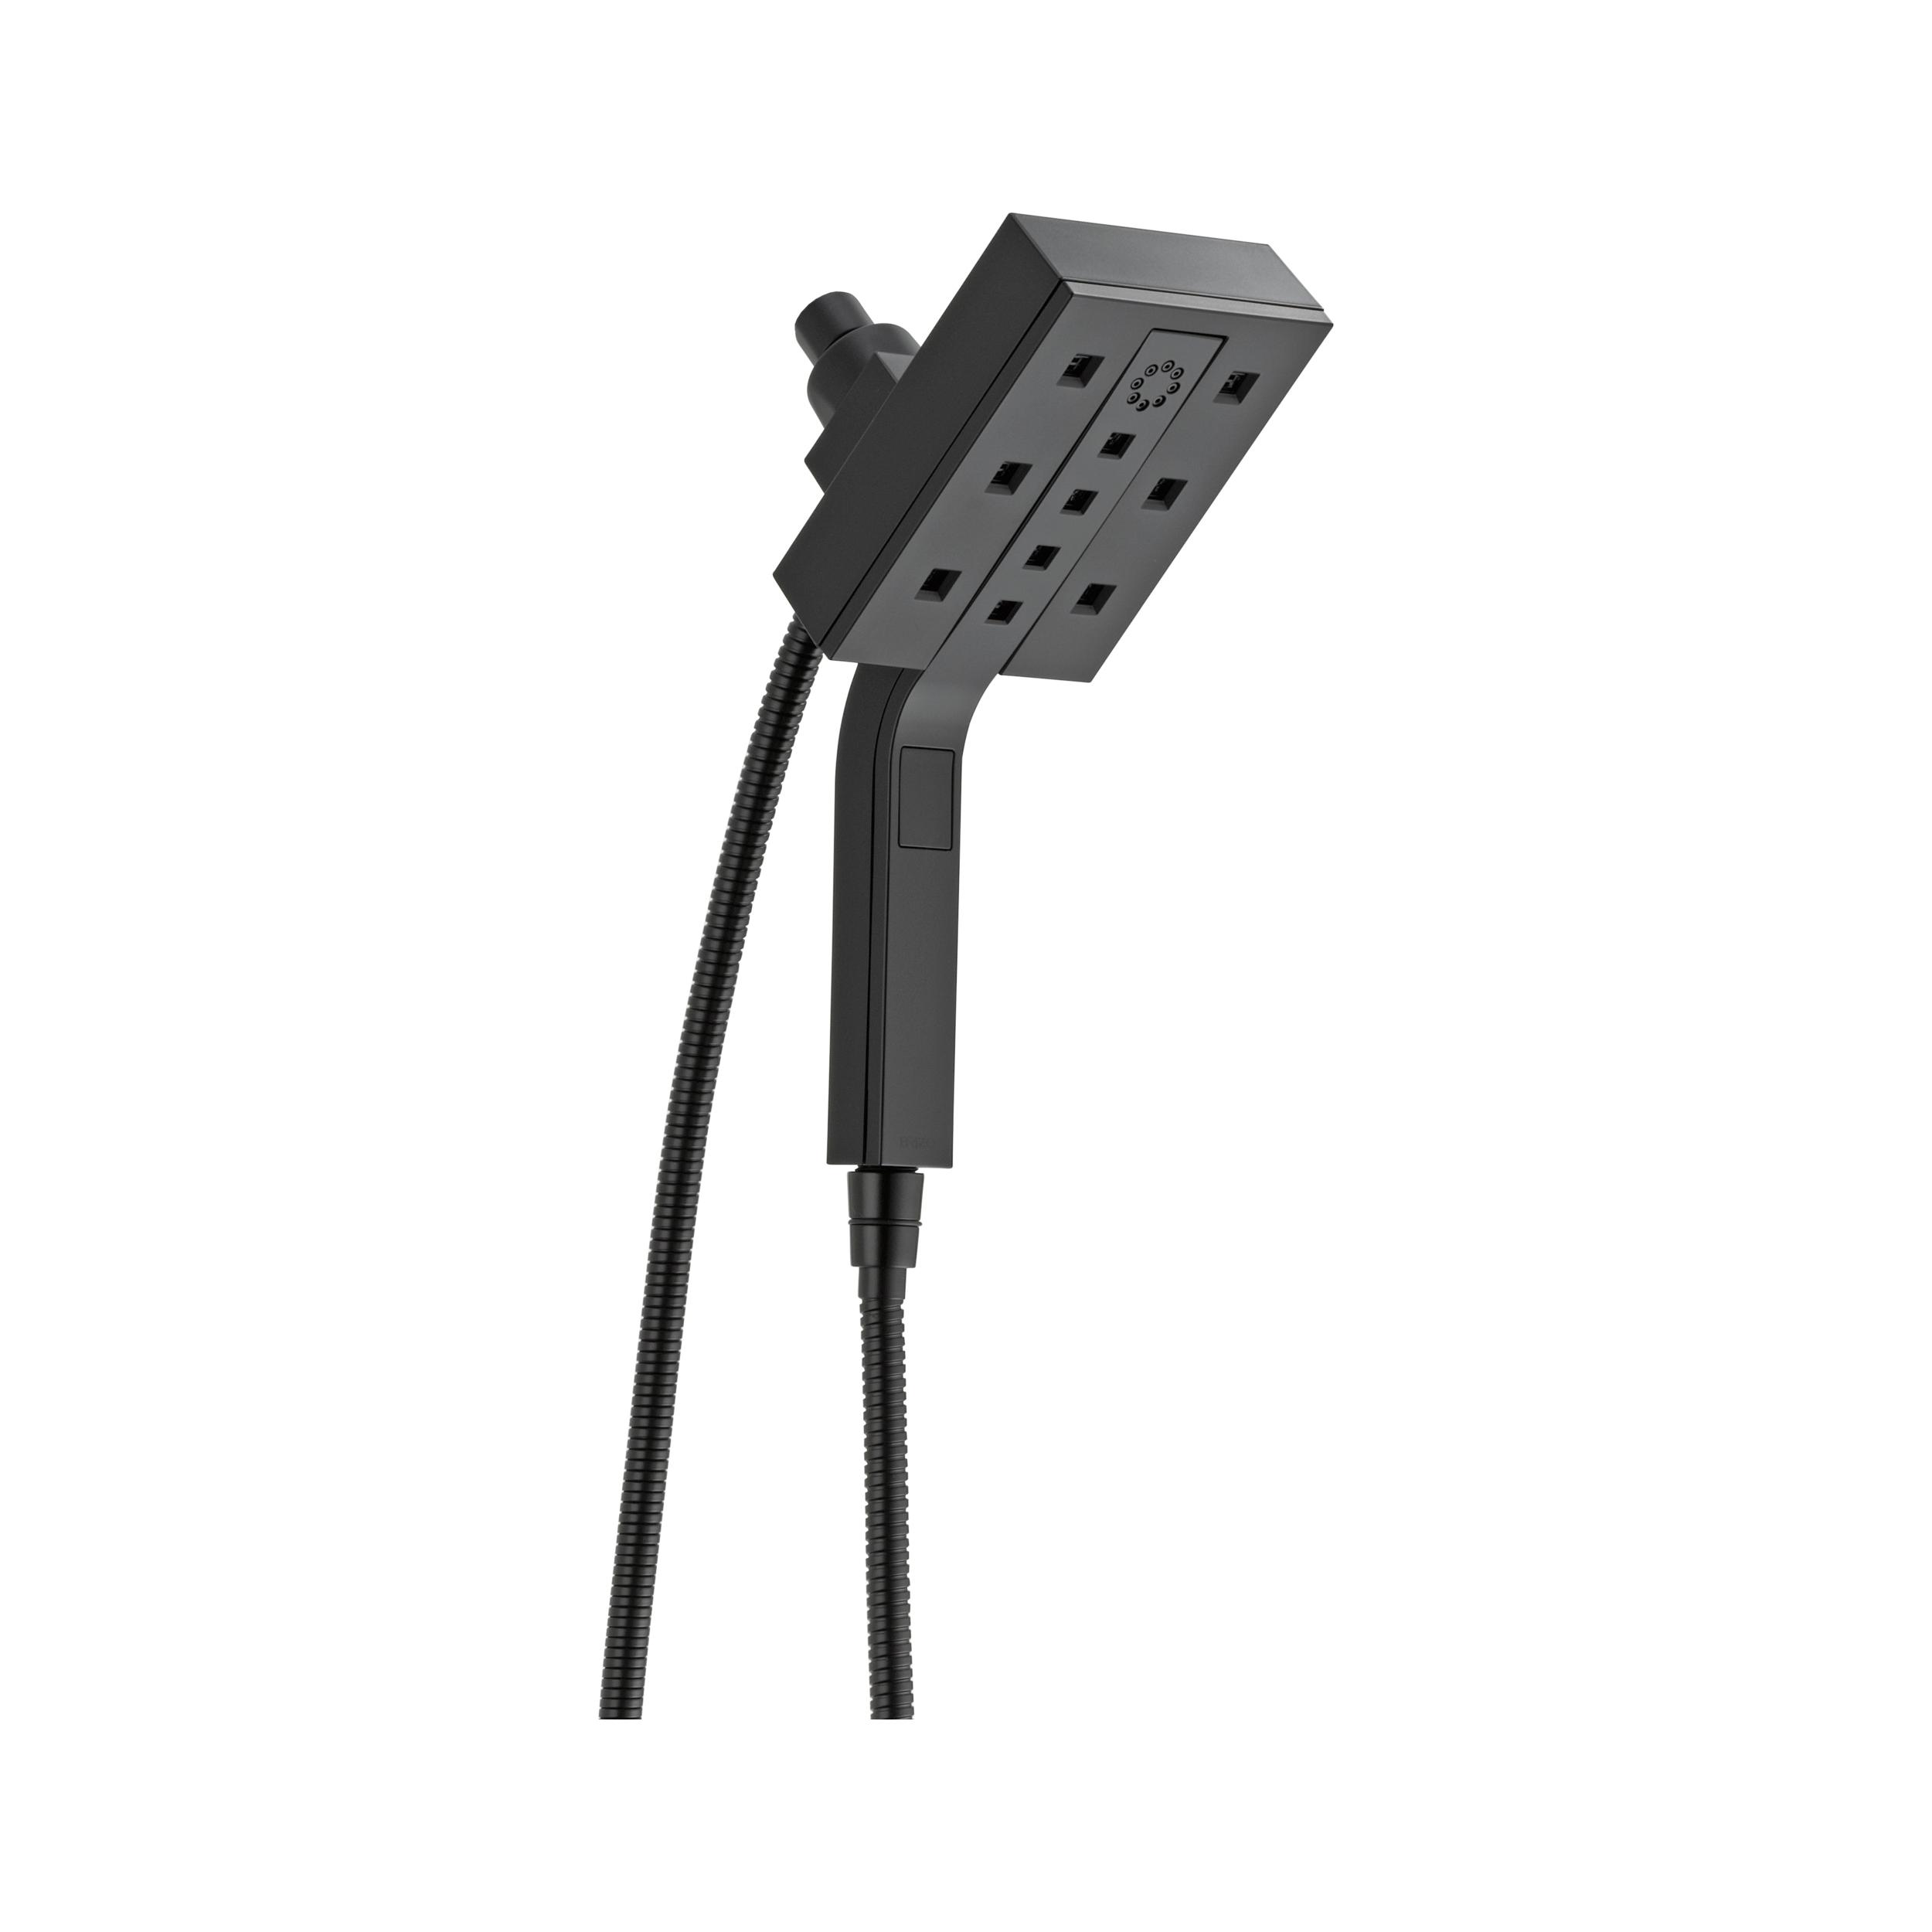 Brizo® 86280-BL-ECO Euro Square Hydrati® 2-in-1 Shower, (4) Shower Head, 1.3 gpm, 60 to 82 in L Hose, 1/2 in Female, Matte Black, Import